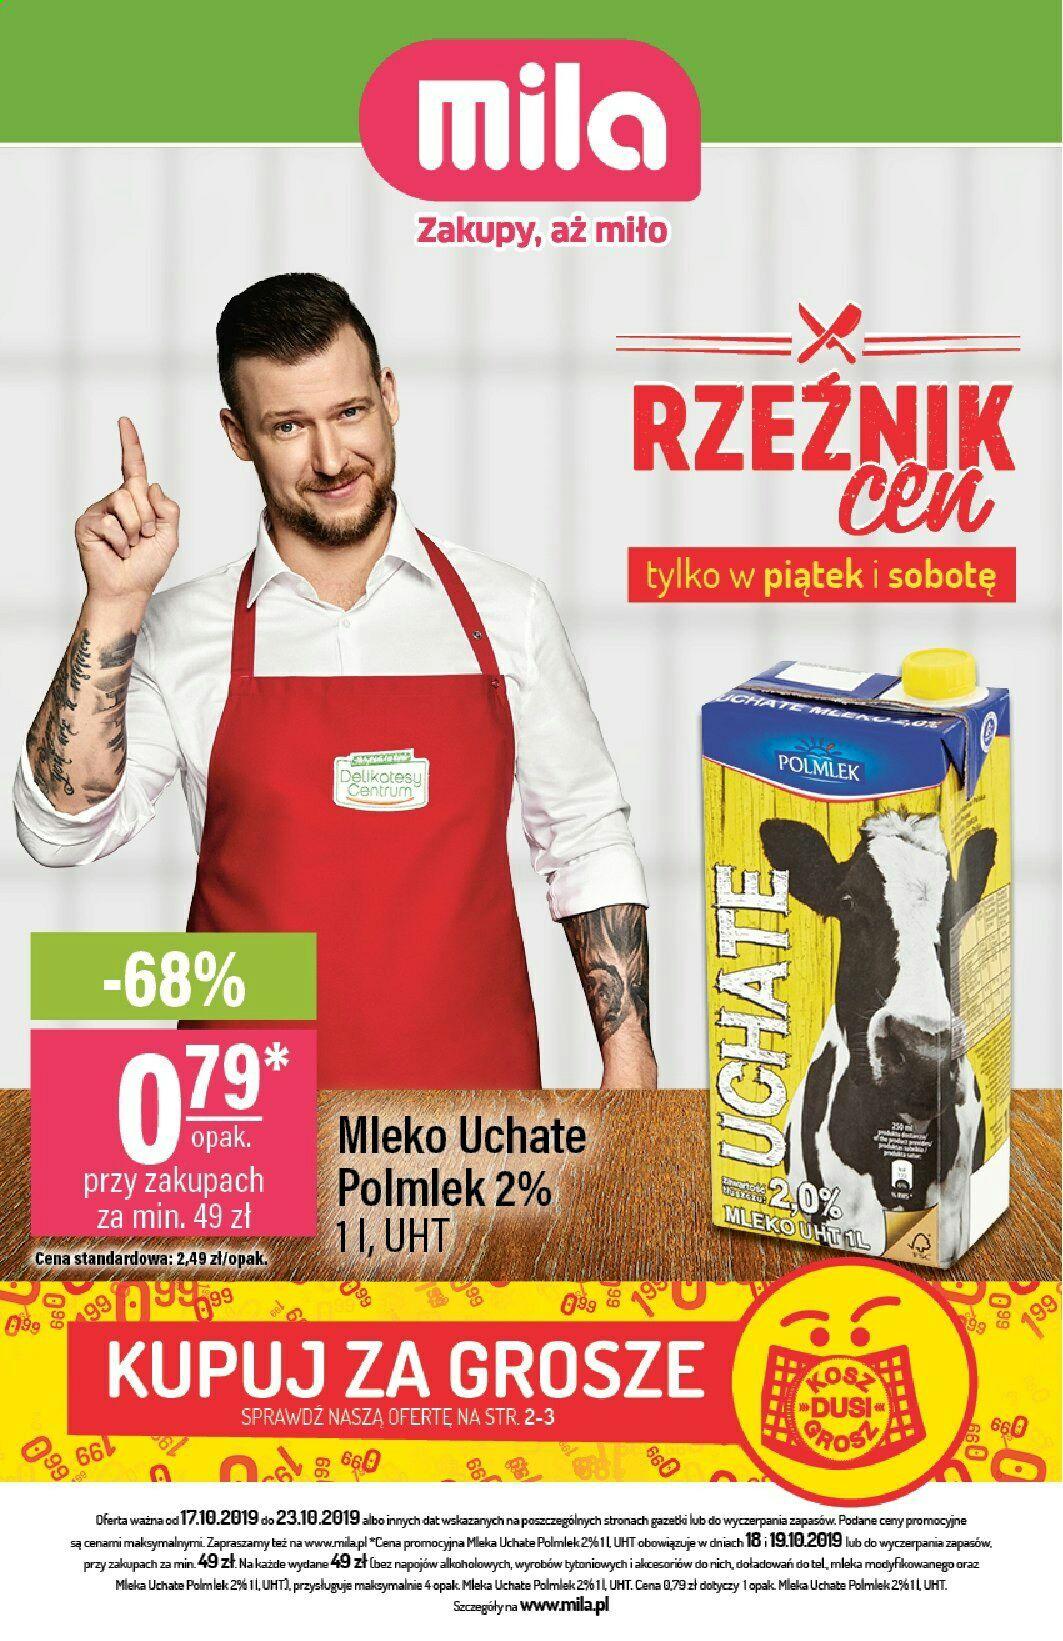 Mleko UHT Polmlek 2% 1l przy zakupach za min 49zł - MILA